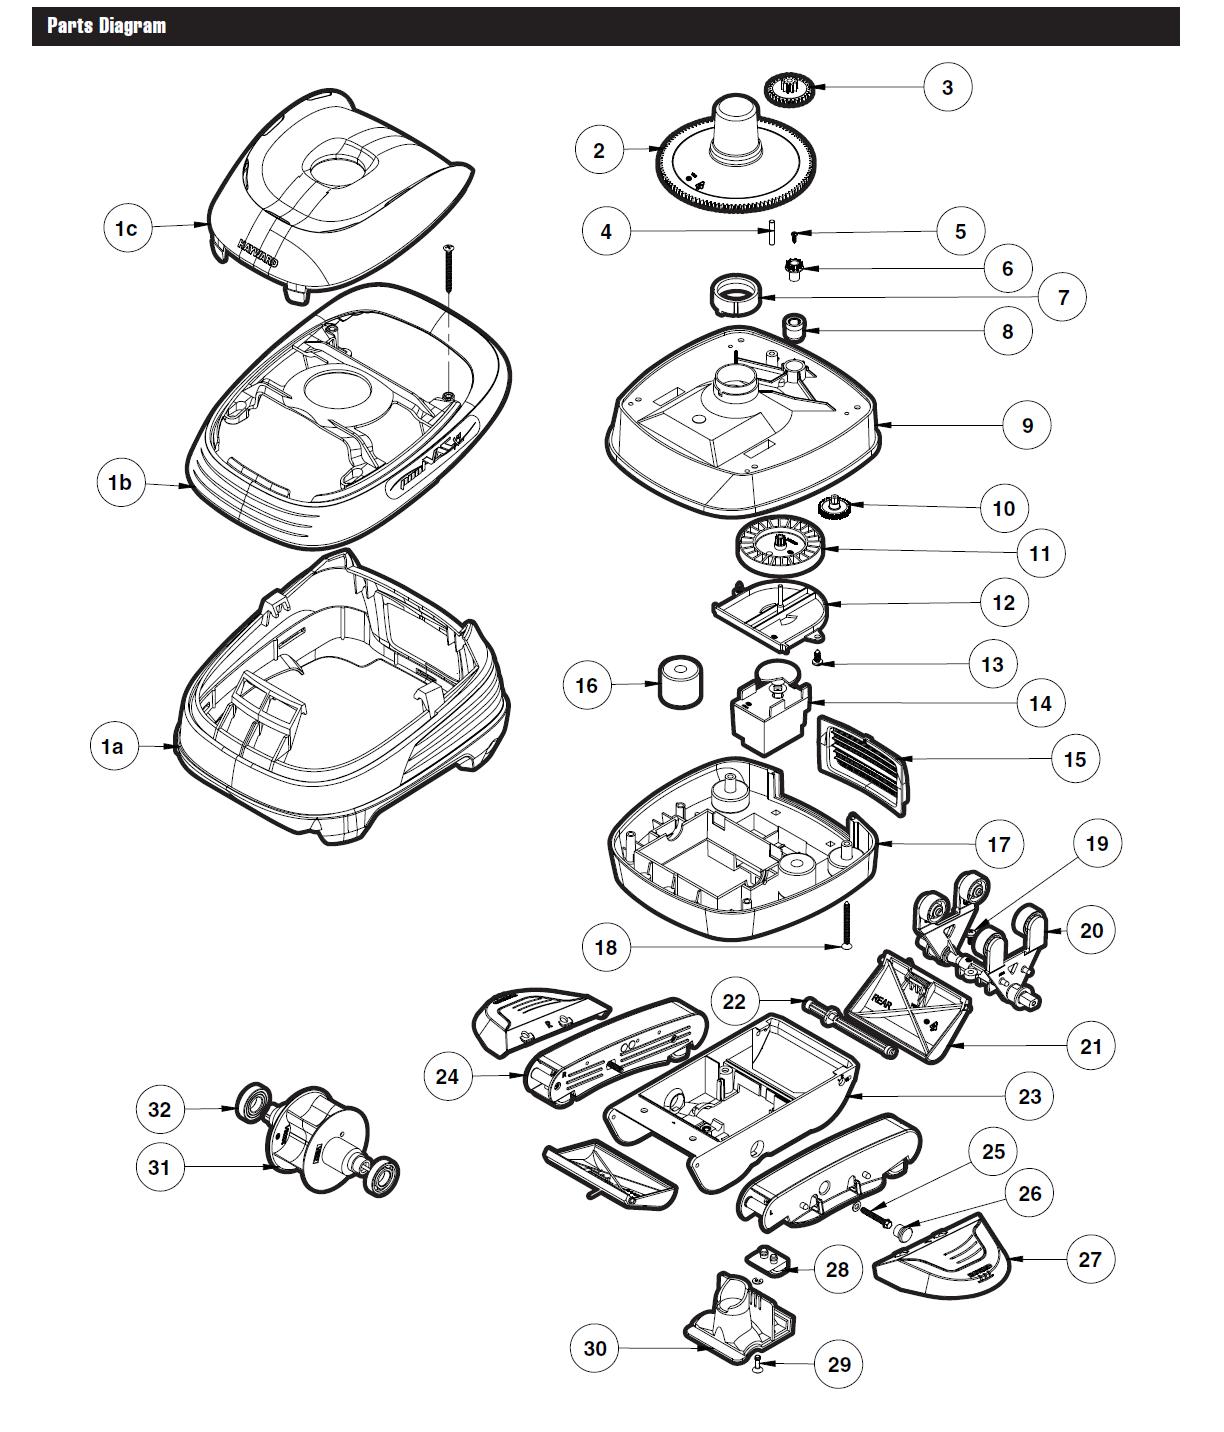 Hayward Pool Vac Parts Diagram